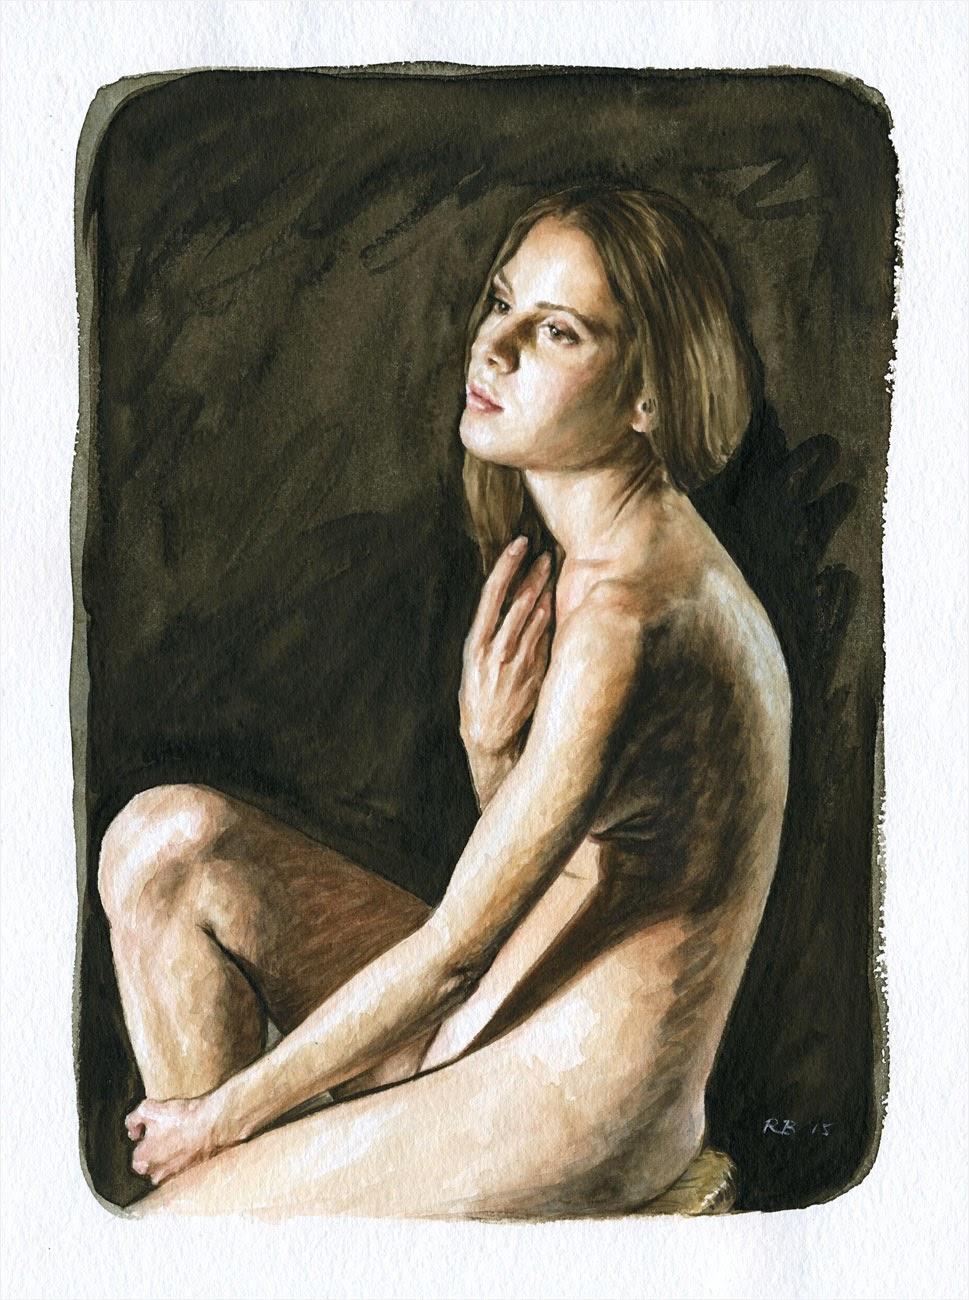 René Bui - Etude de nu à l'aquarelle 150123 - 2015